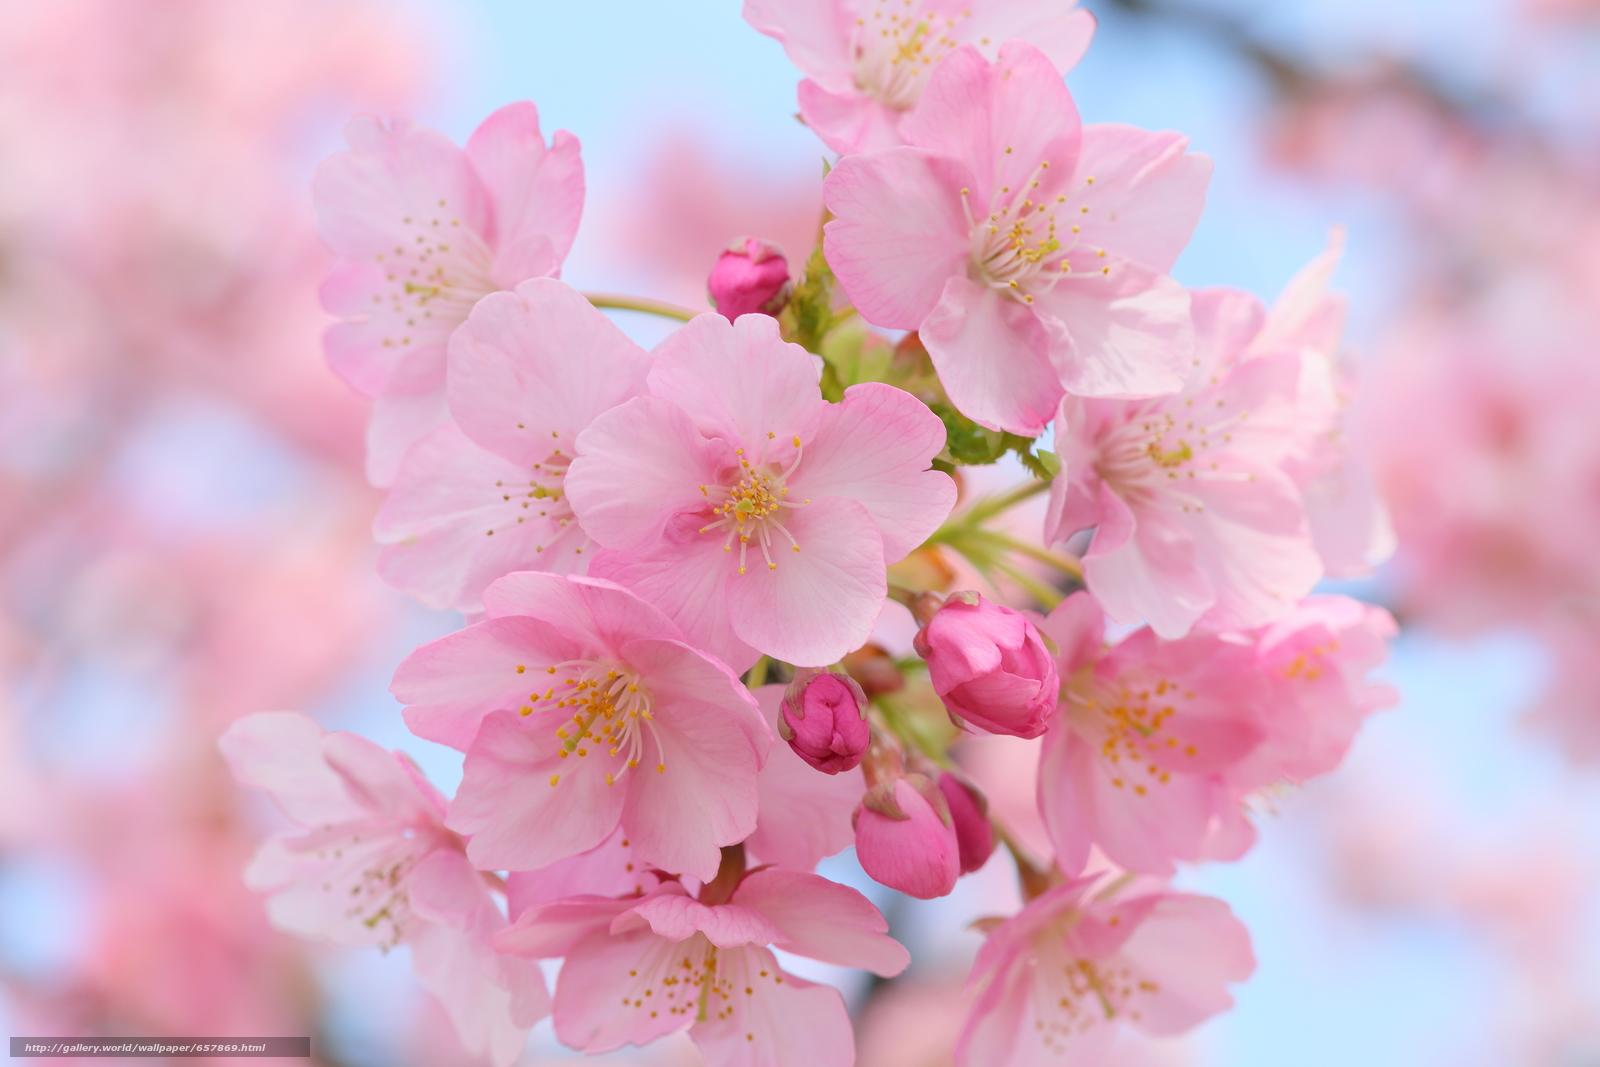 Tlcharger Fond d'ecran Fleurs,  floraison,  COULEUR,  BRANCH Fonds d'ecran gratuits pour votre rsolution du bureau 5760x3840 — image №657869